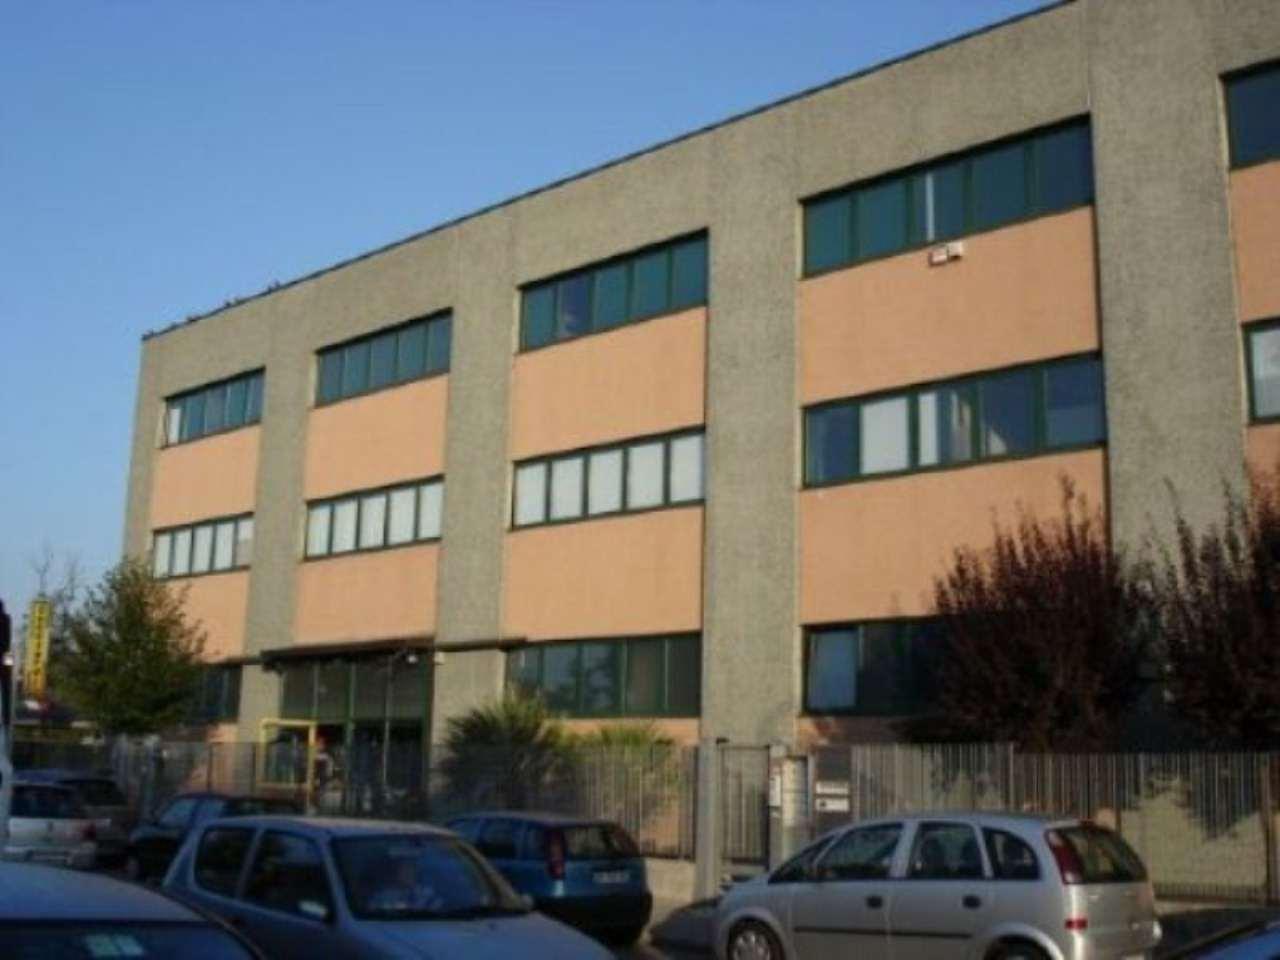 Laboratorio in vendita a Cormano, 9999 locali, prezzo € 550.000 | CambioCasa.it